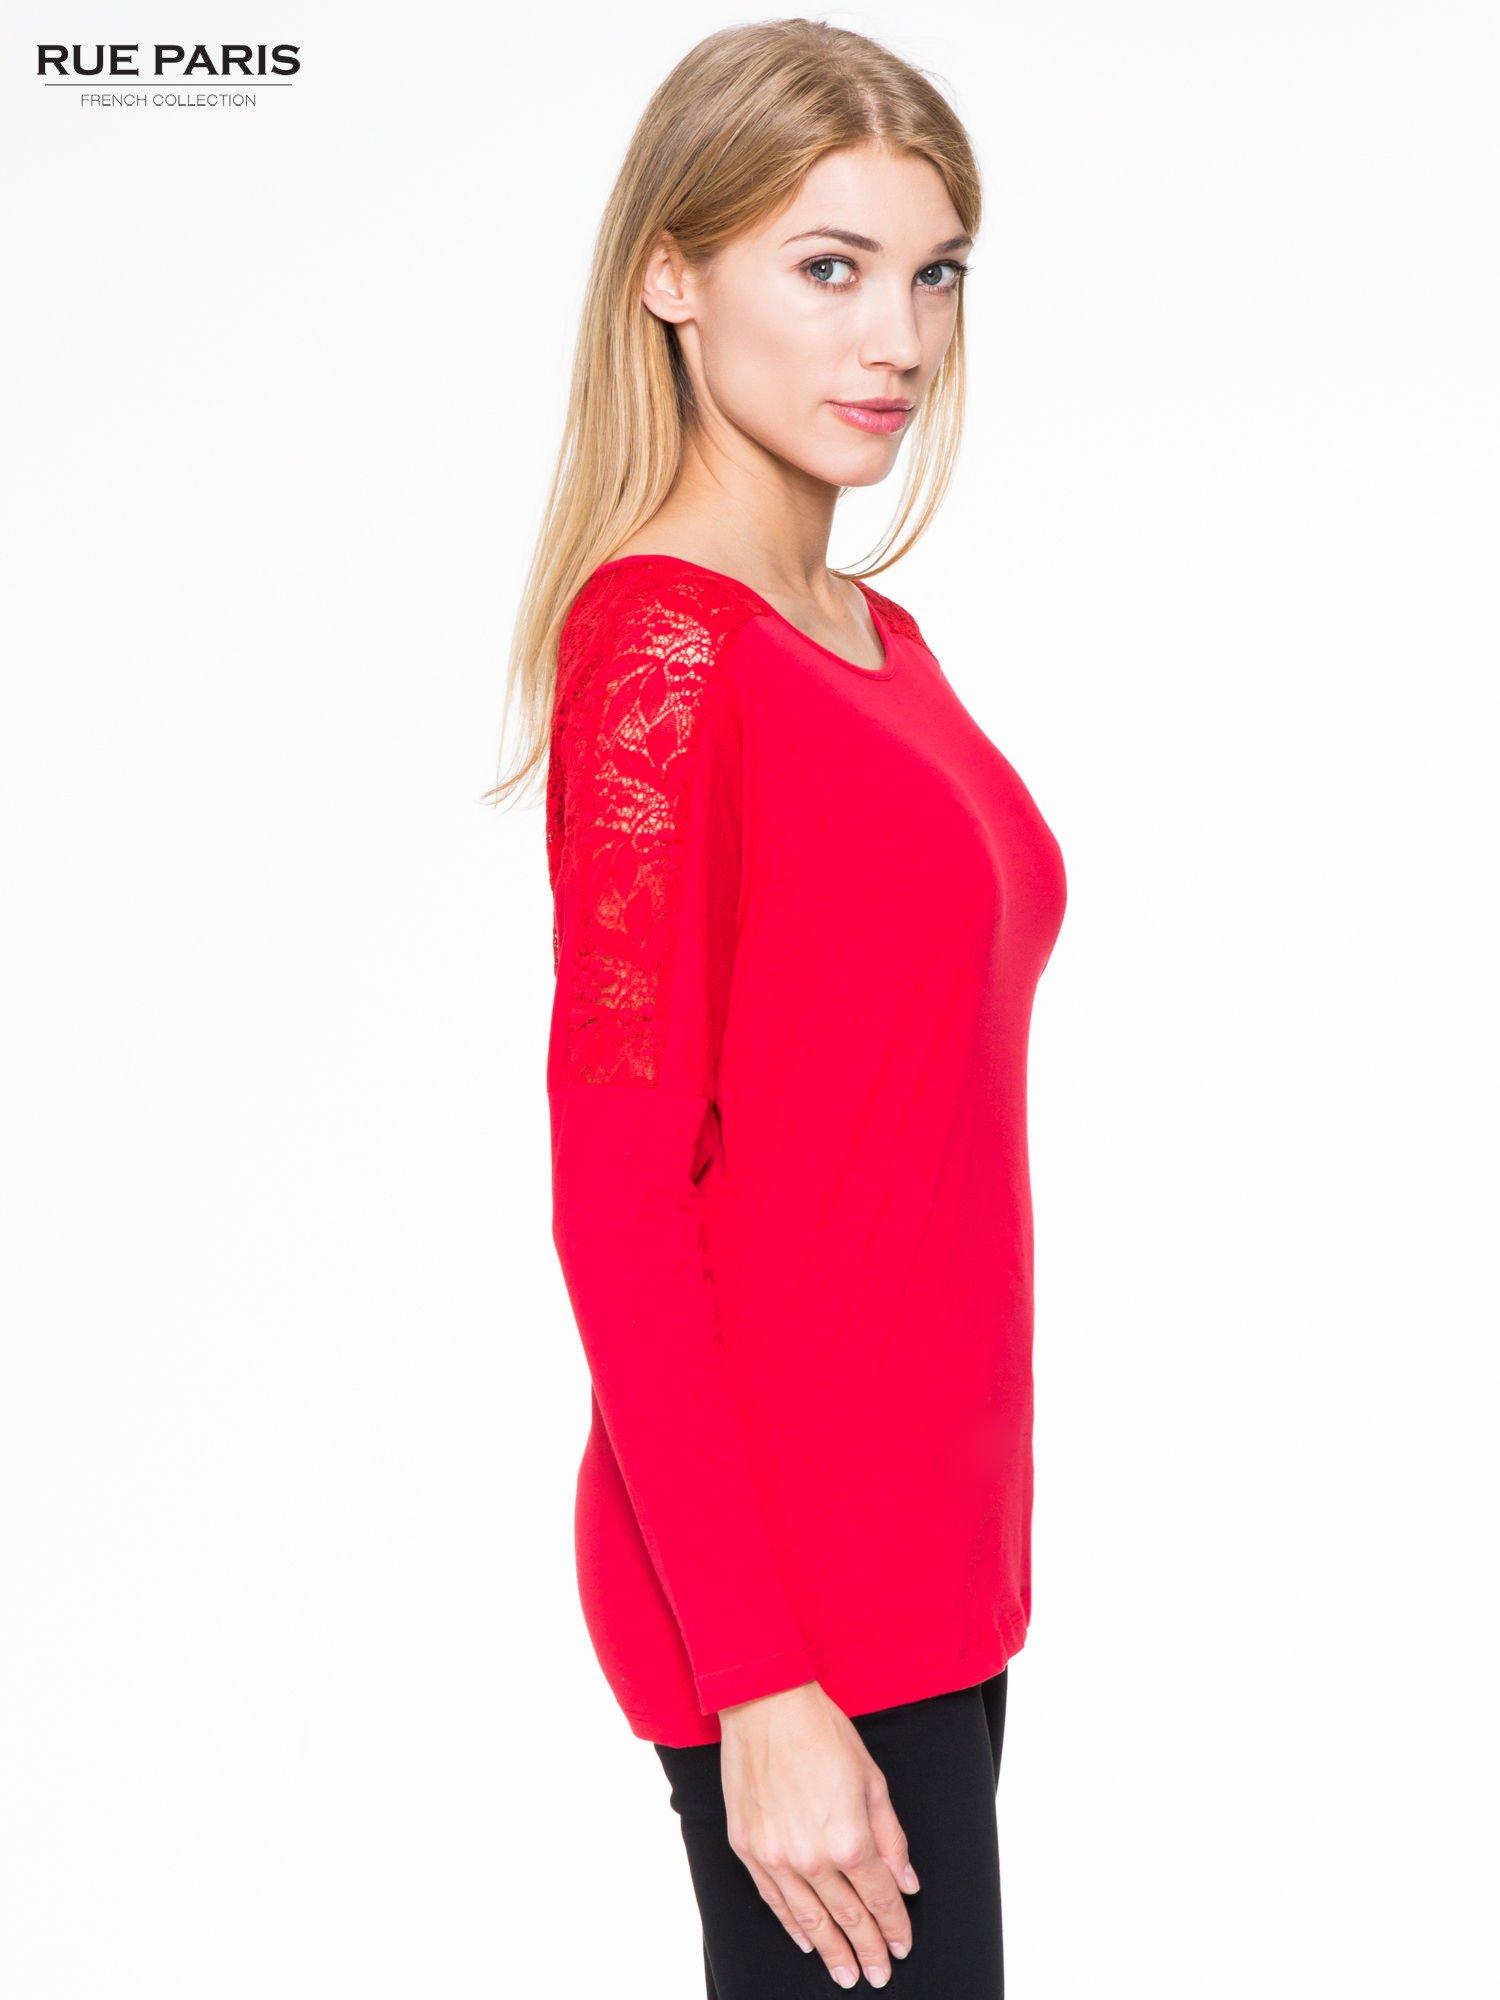 Czerwona bluzka z koronkową wstawką na rękawach i z tyłu                                  zdj.                                  3